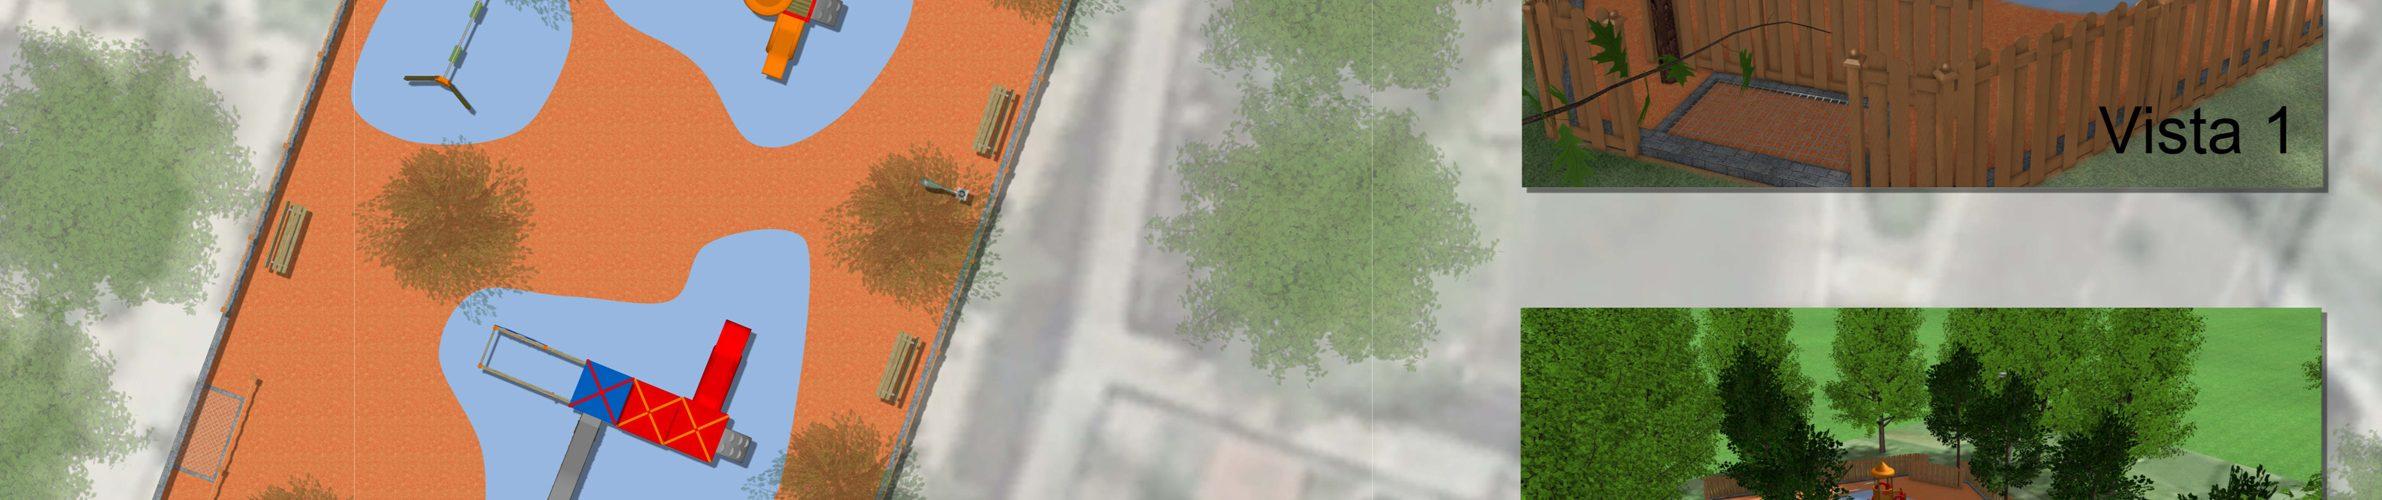 diseño en 2D y 3D indistintamente. Trabaja en planta y persepectiva simultáneamente.